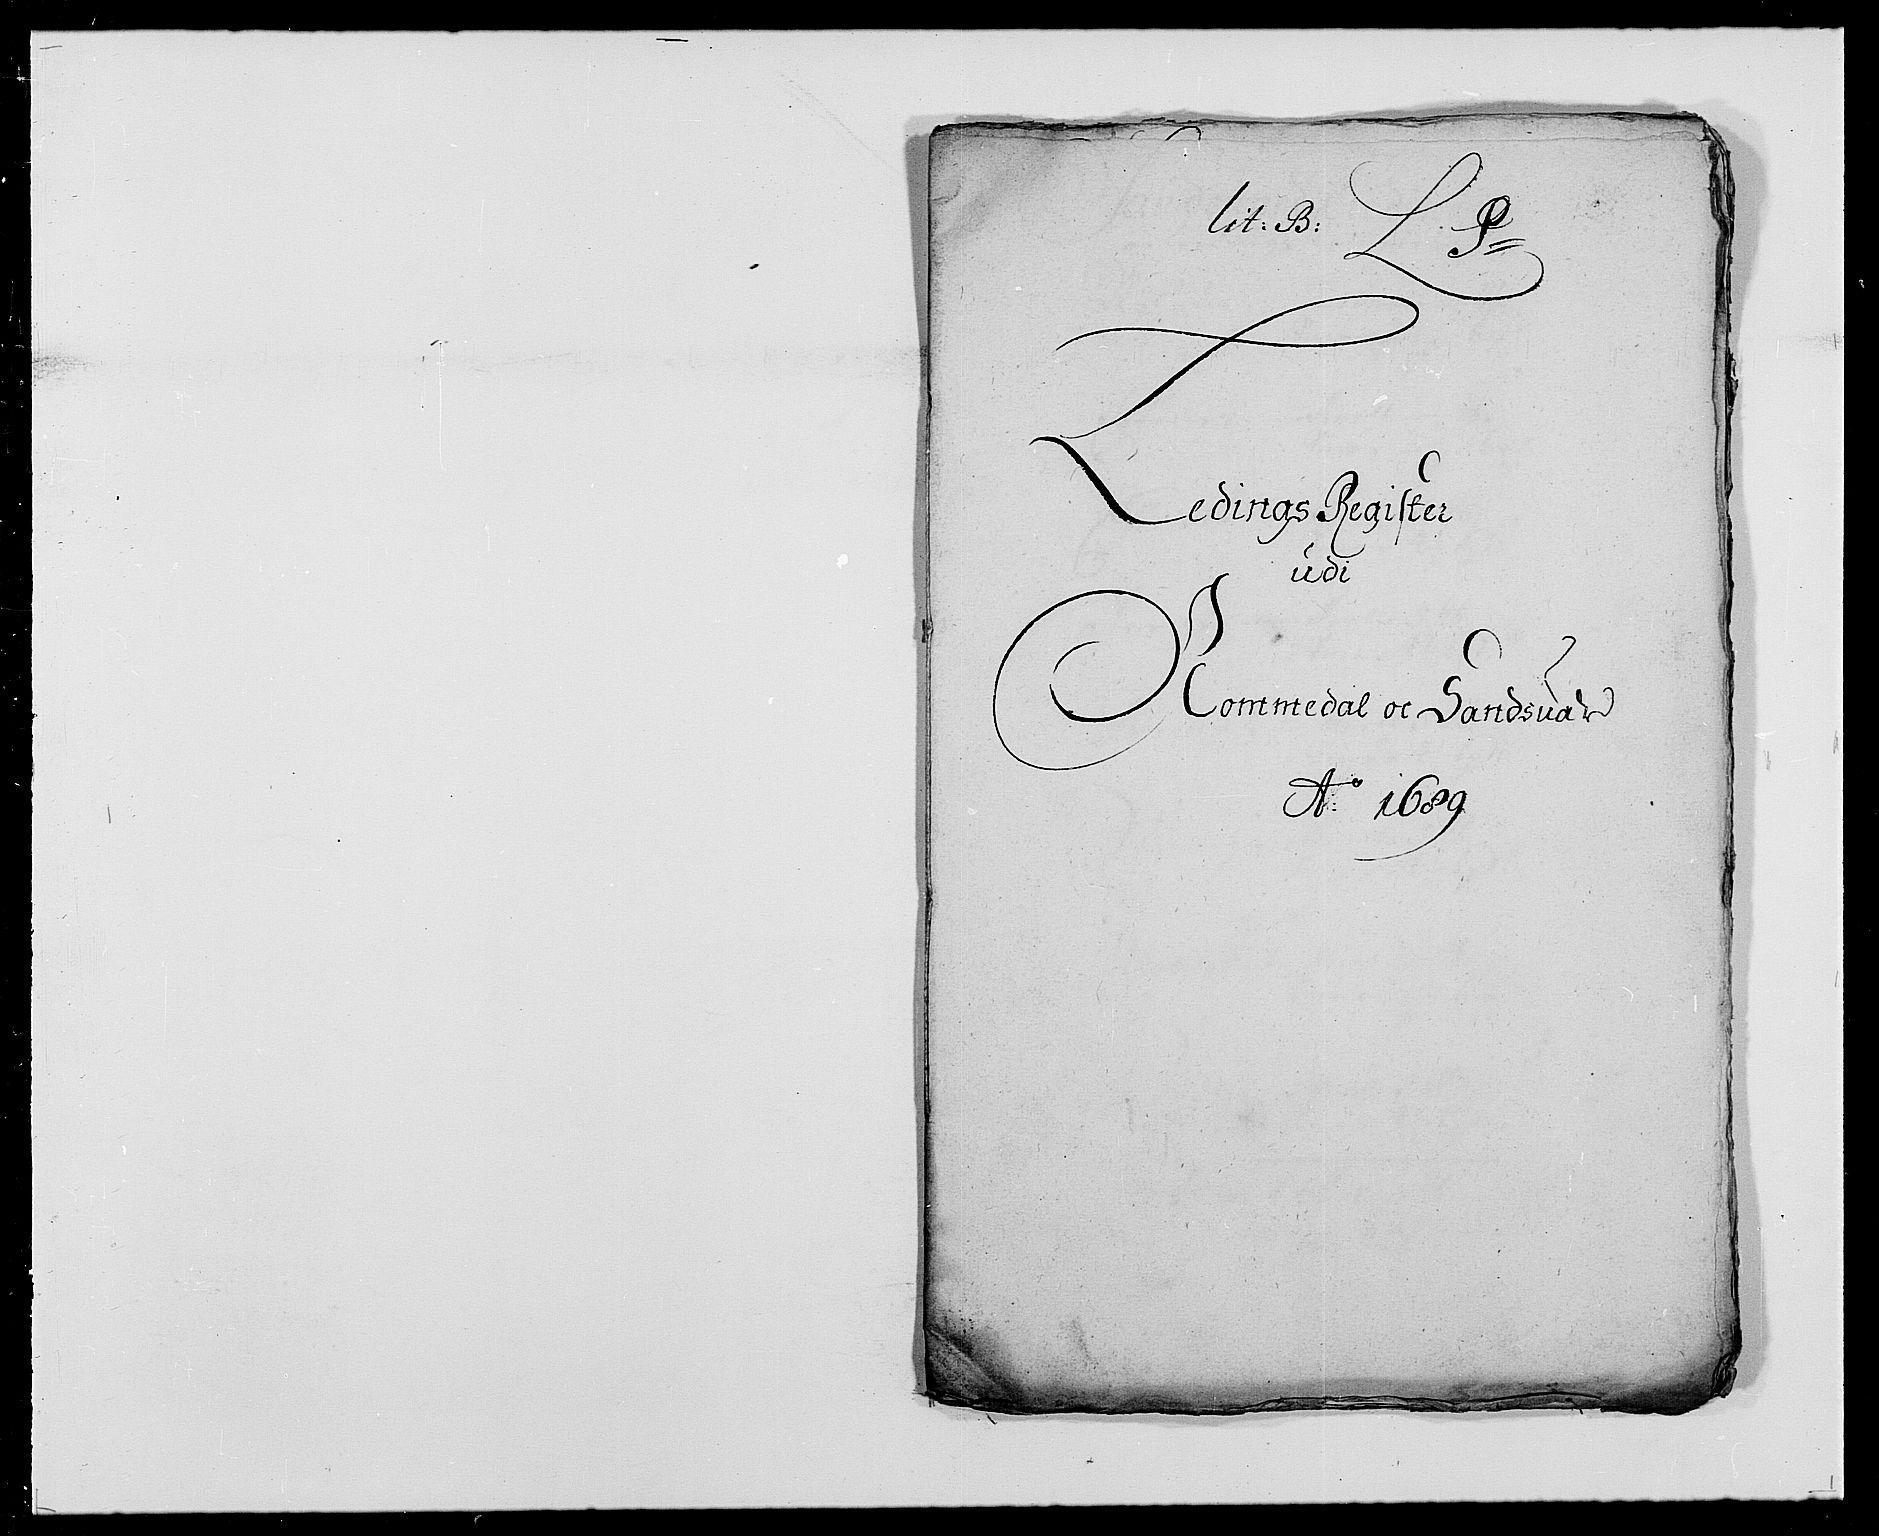 RA, Rentekammeret inntil 1814, Reviderte regnskaper, Fogderegnskap, R24/L1573: Fogderegnskap Numedal og Sandsvær, 1687-1691, s. 355